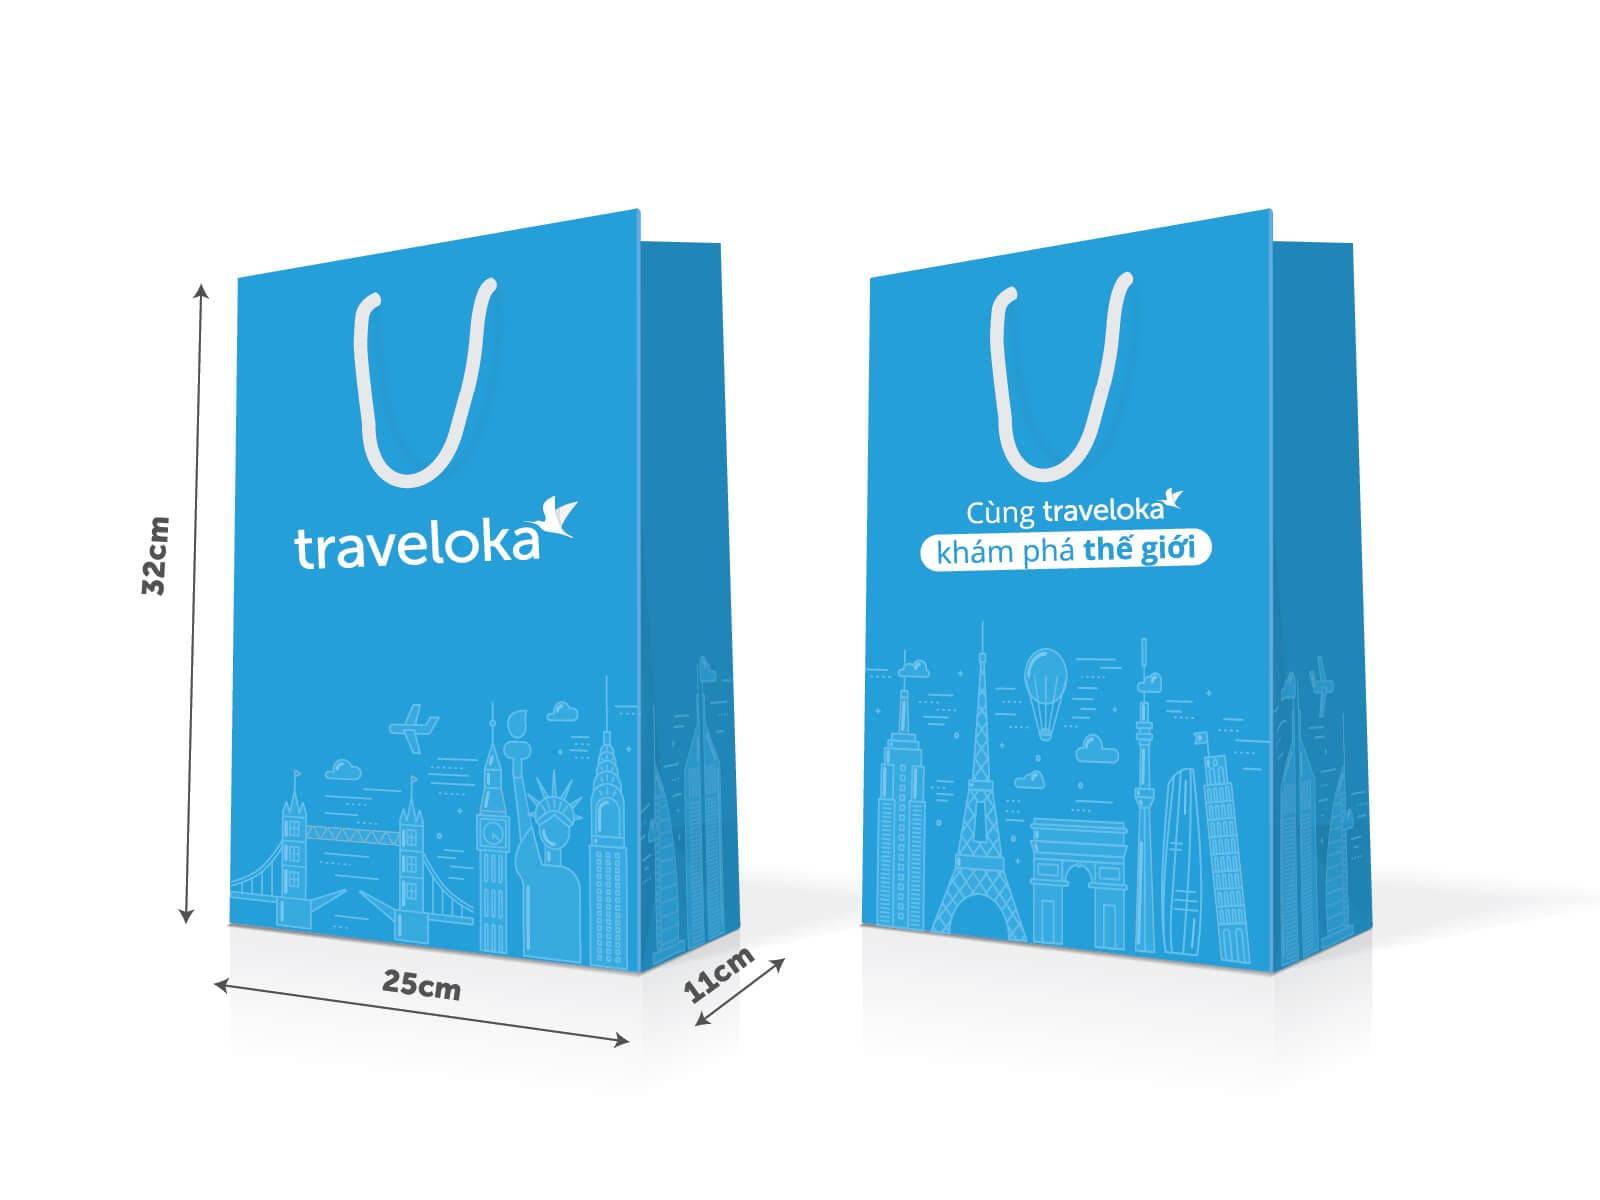 mẫu túi giấy thiết kế kiểu du lịch